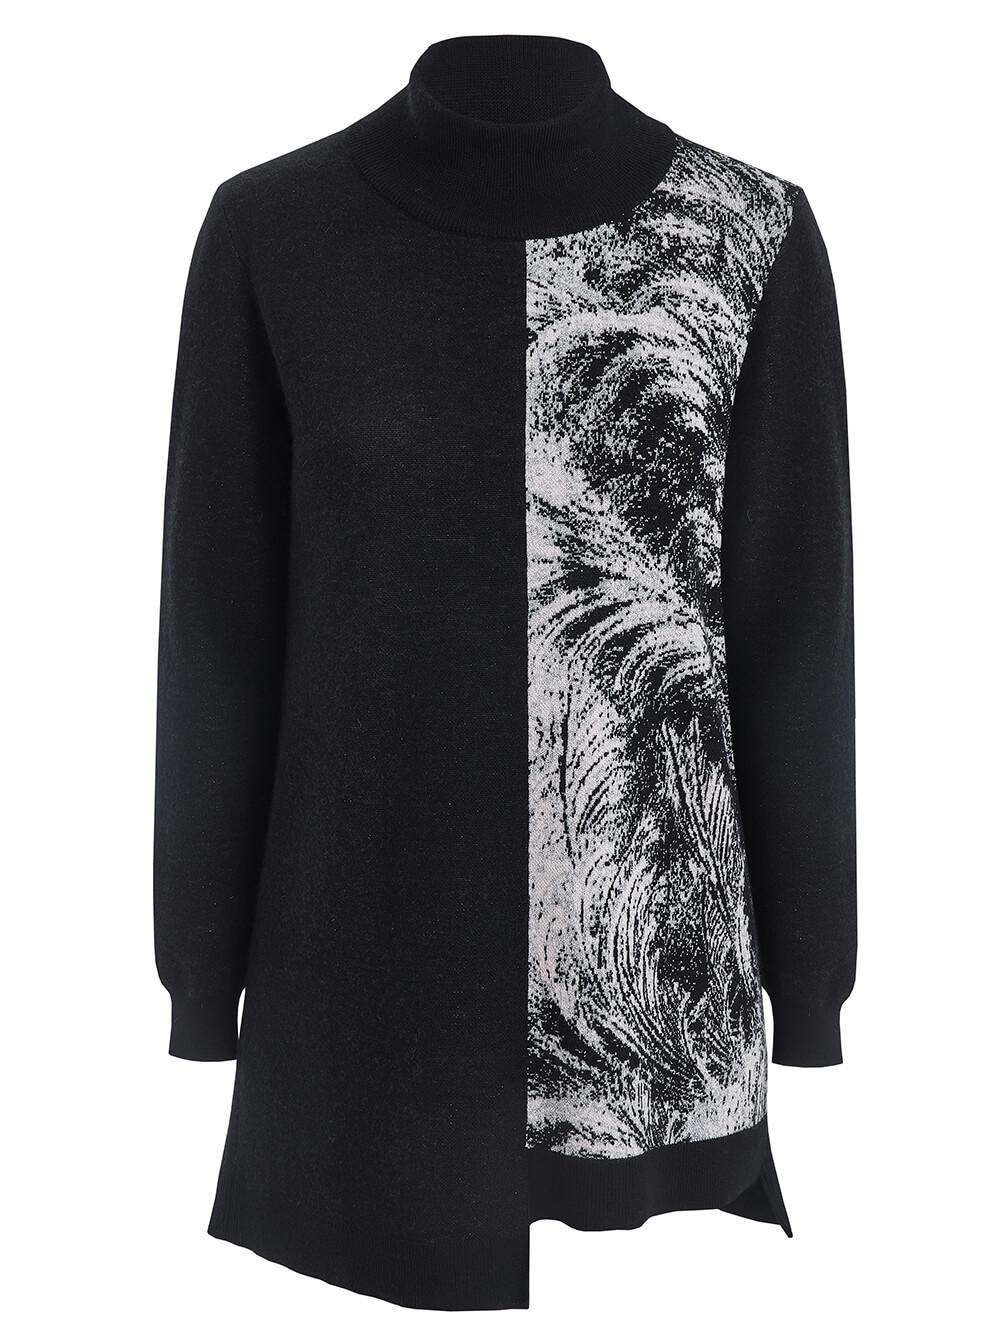 Женский свитер черного цвета из кашемира и вискозы - фото 1